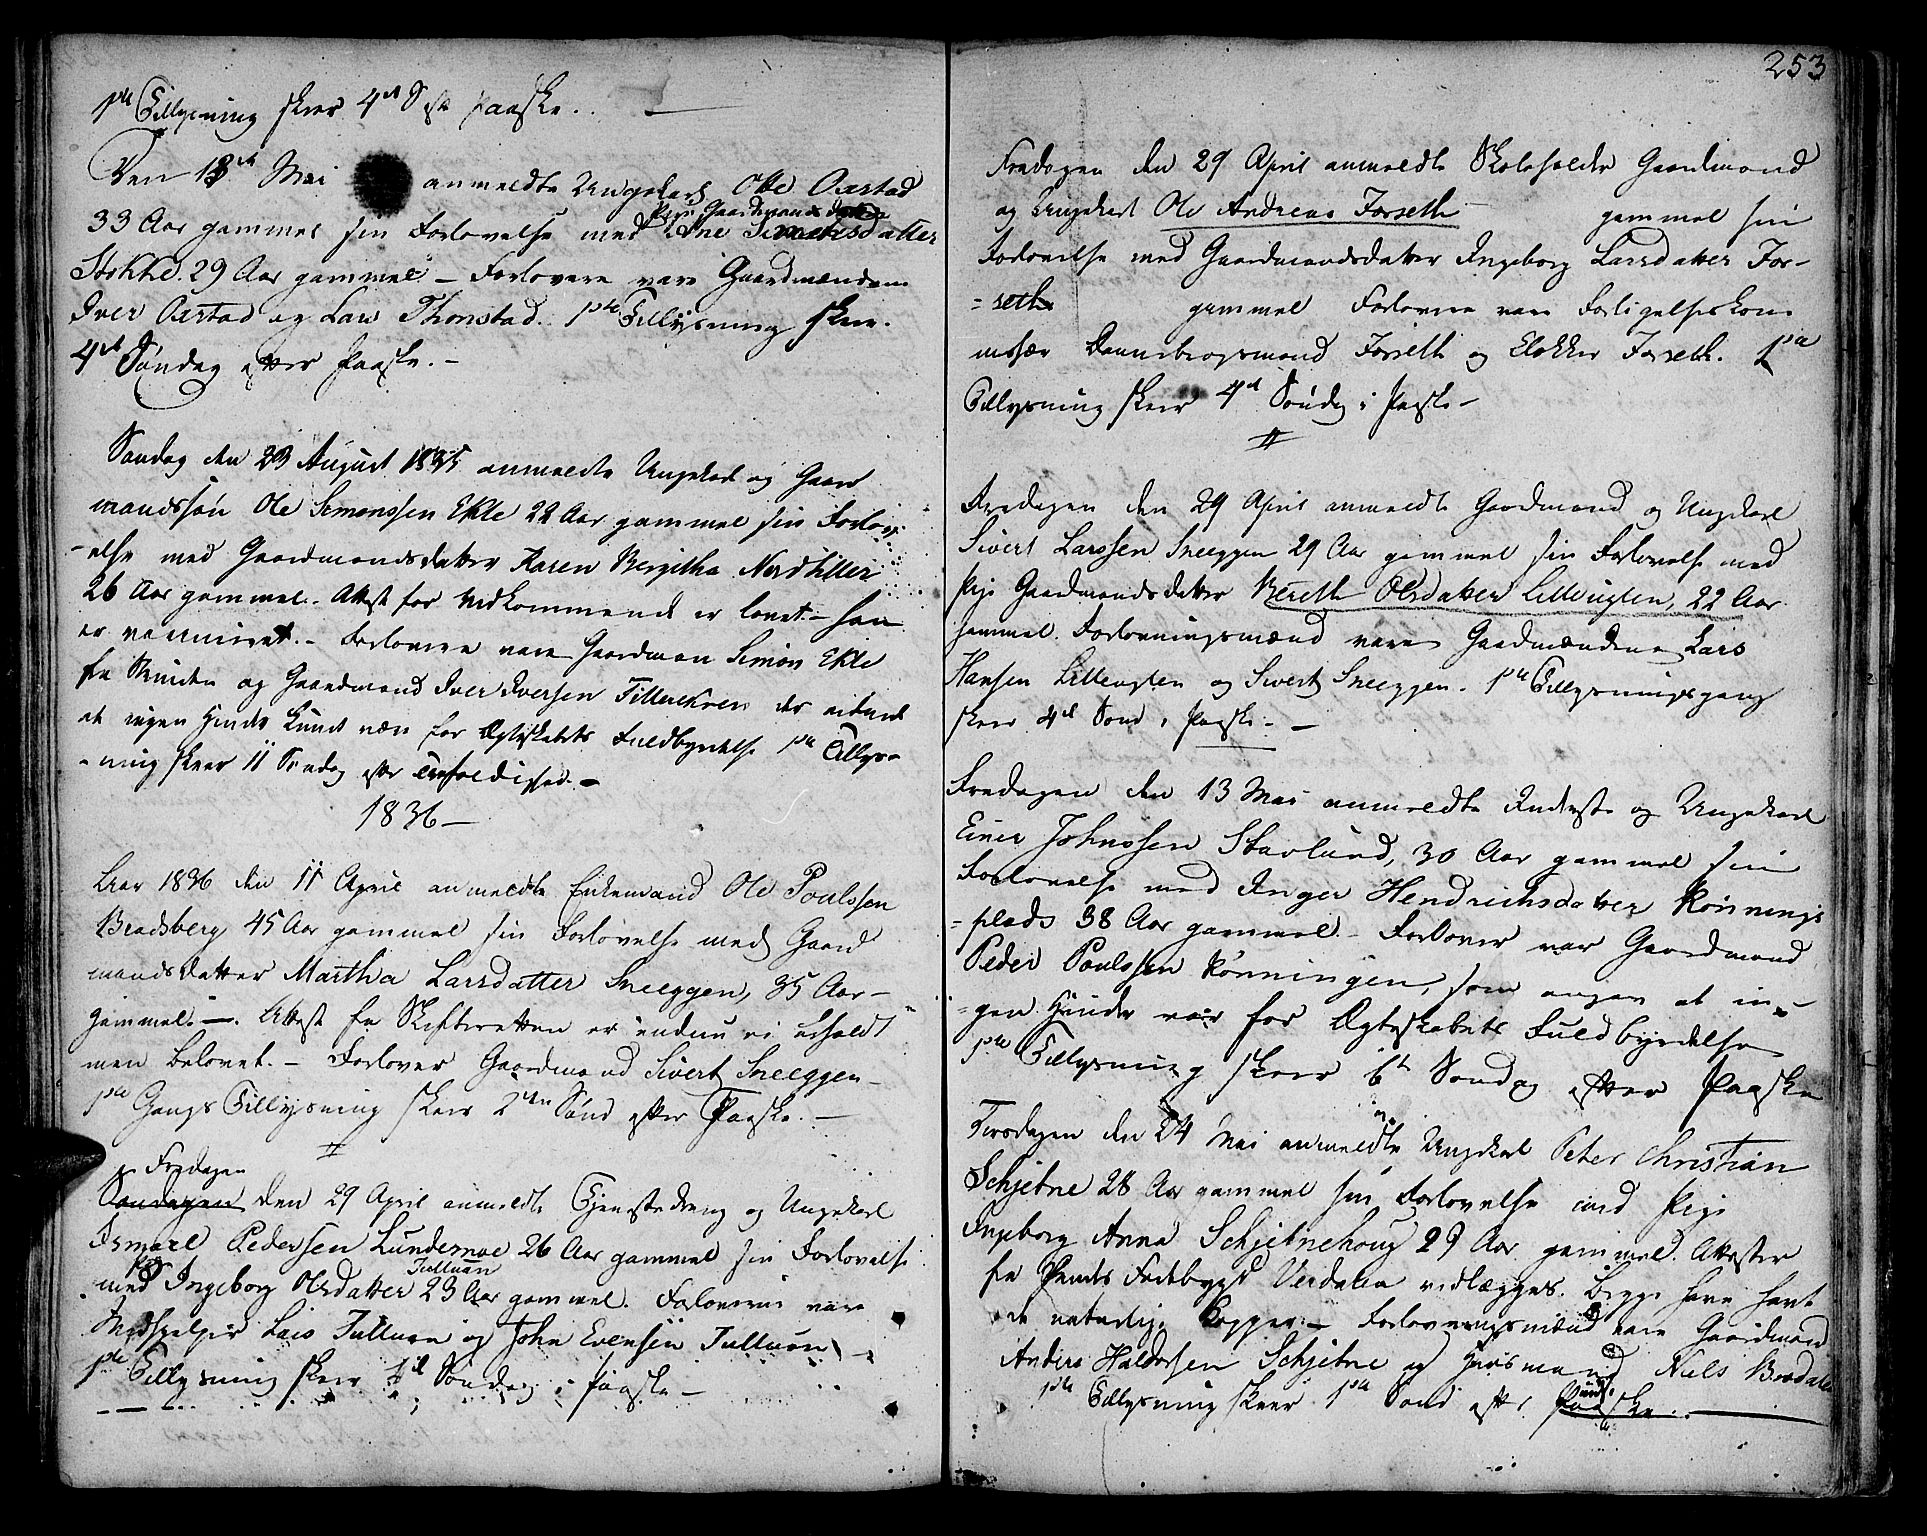 SAT, Ministerialprotokoller, klokkerbøker og fødselsregistre - Sør-Trøndelag, 618/L0438: Ministerialbok nr. 618A03, 1783-1815, s. 253